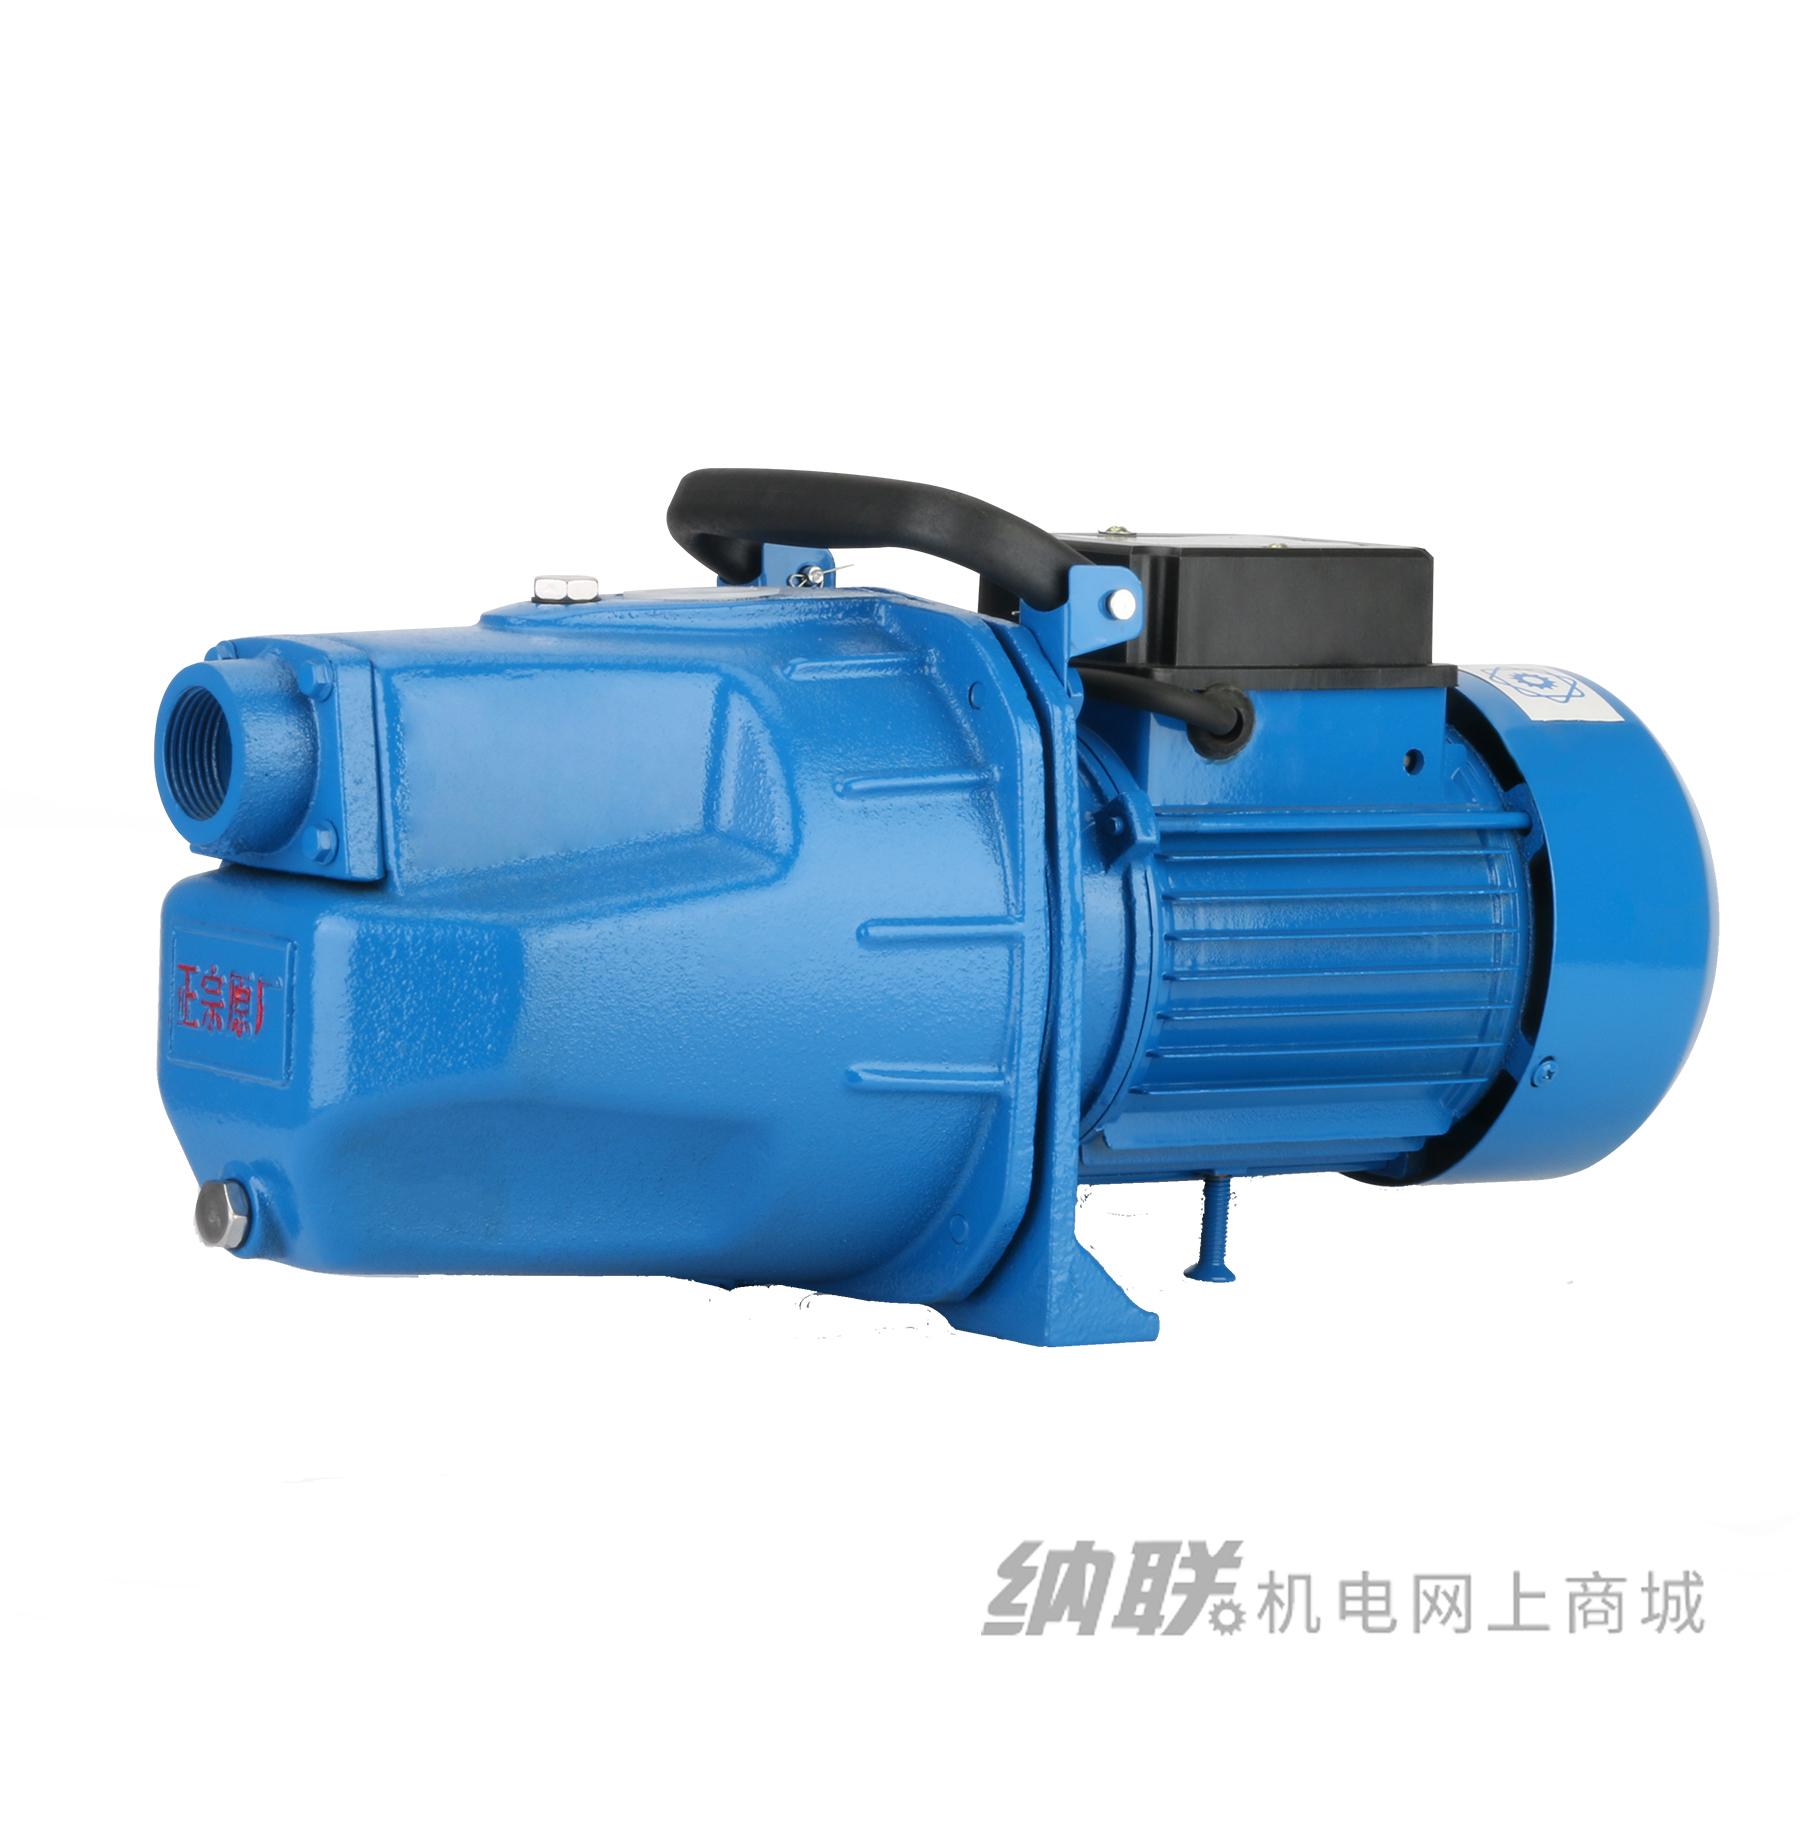 纳联机电 喷射泵-JET-1.8单相